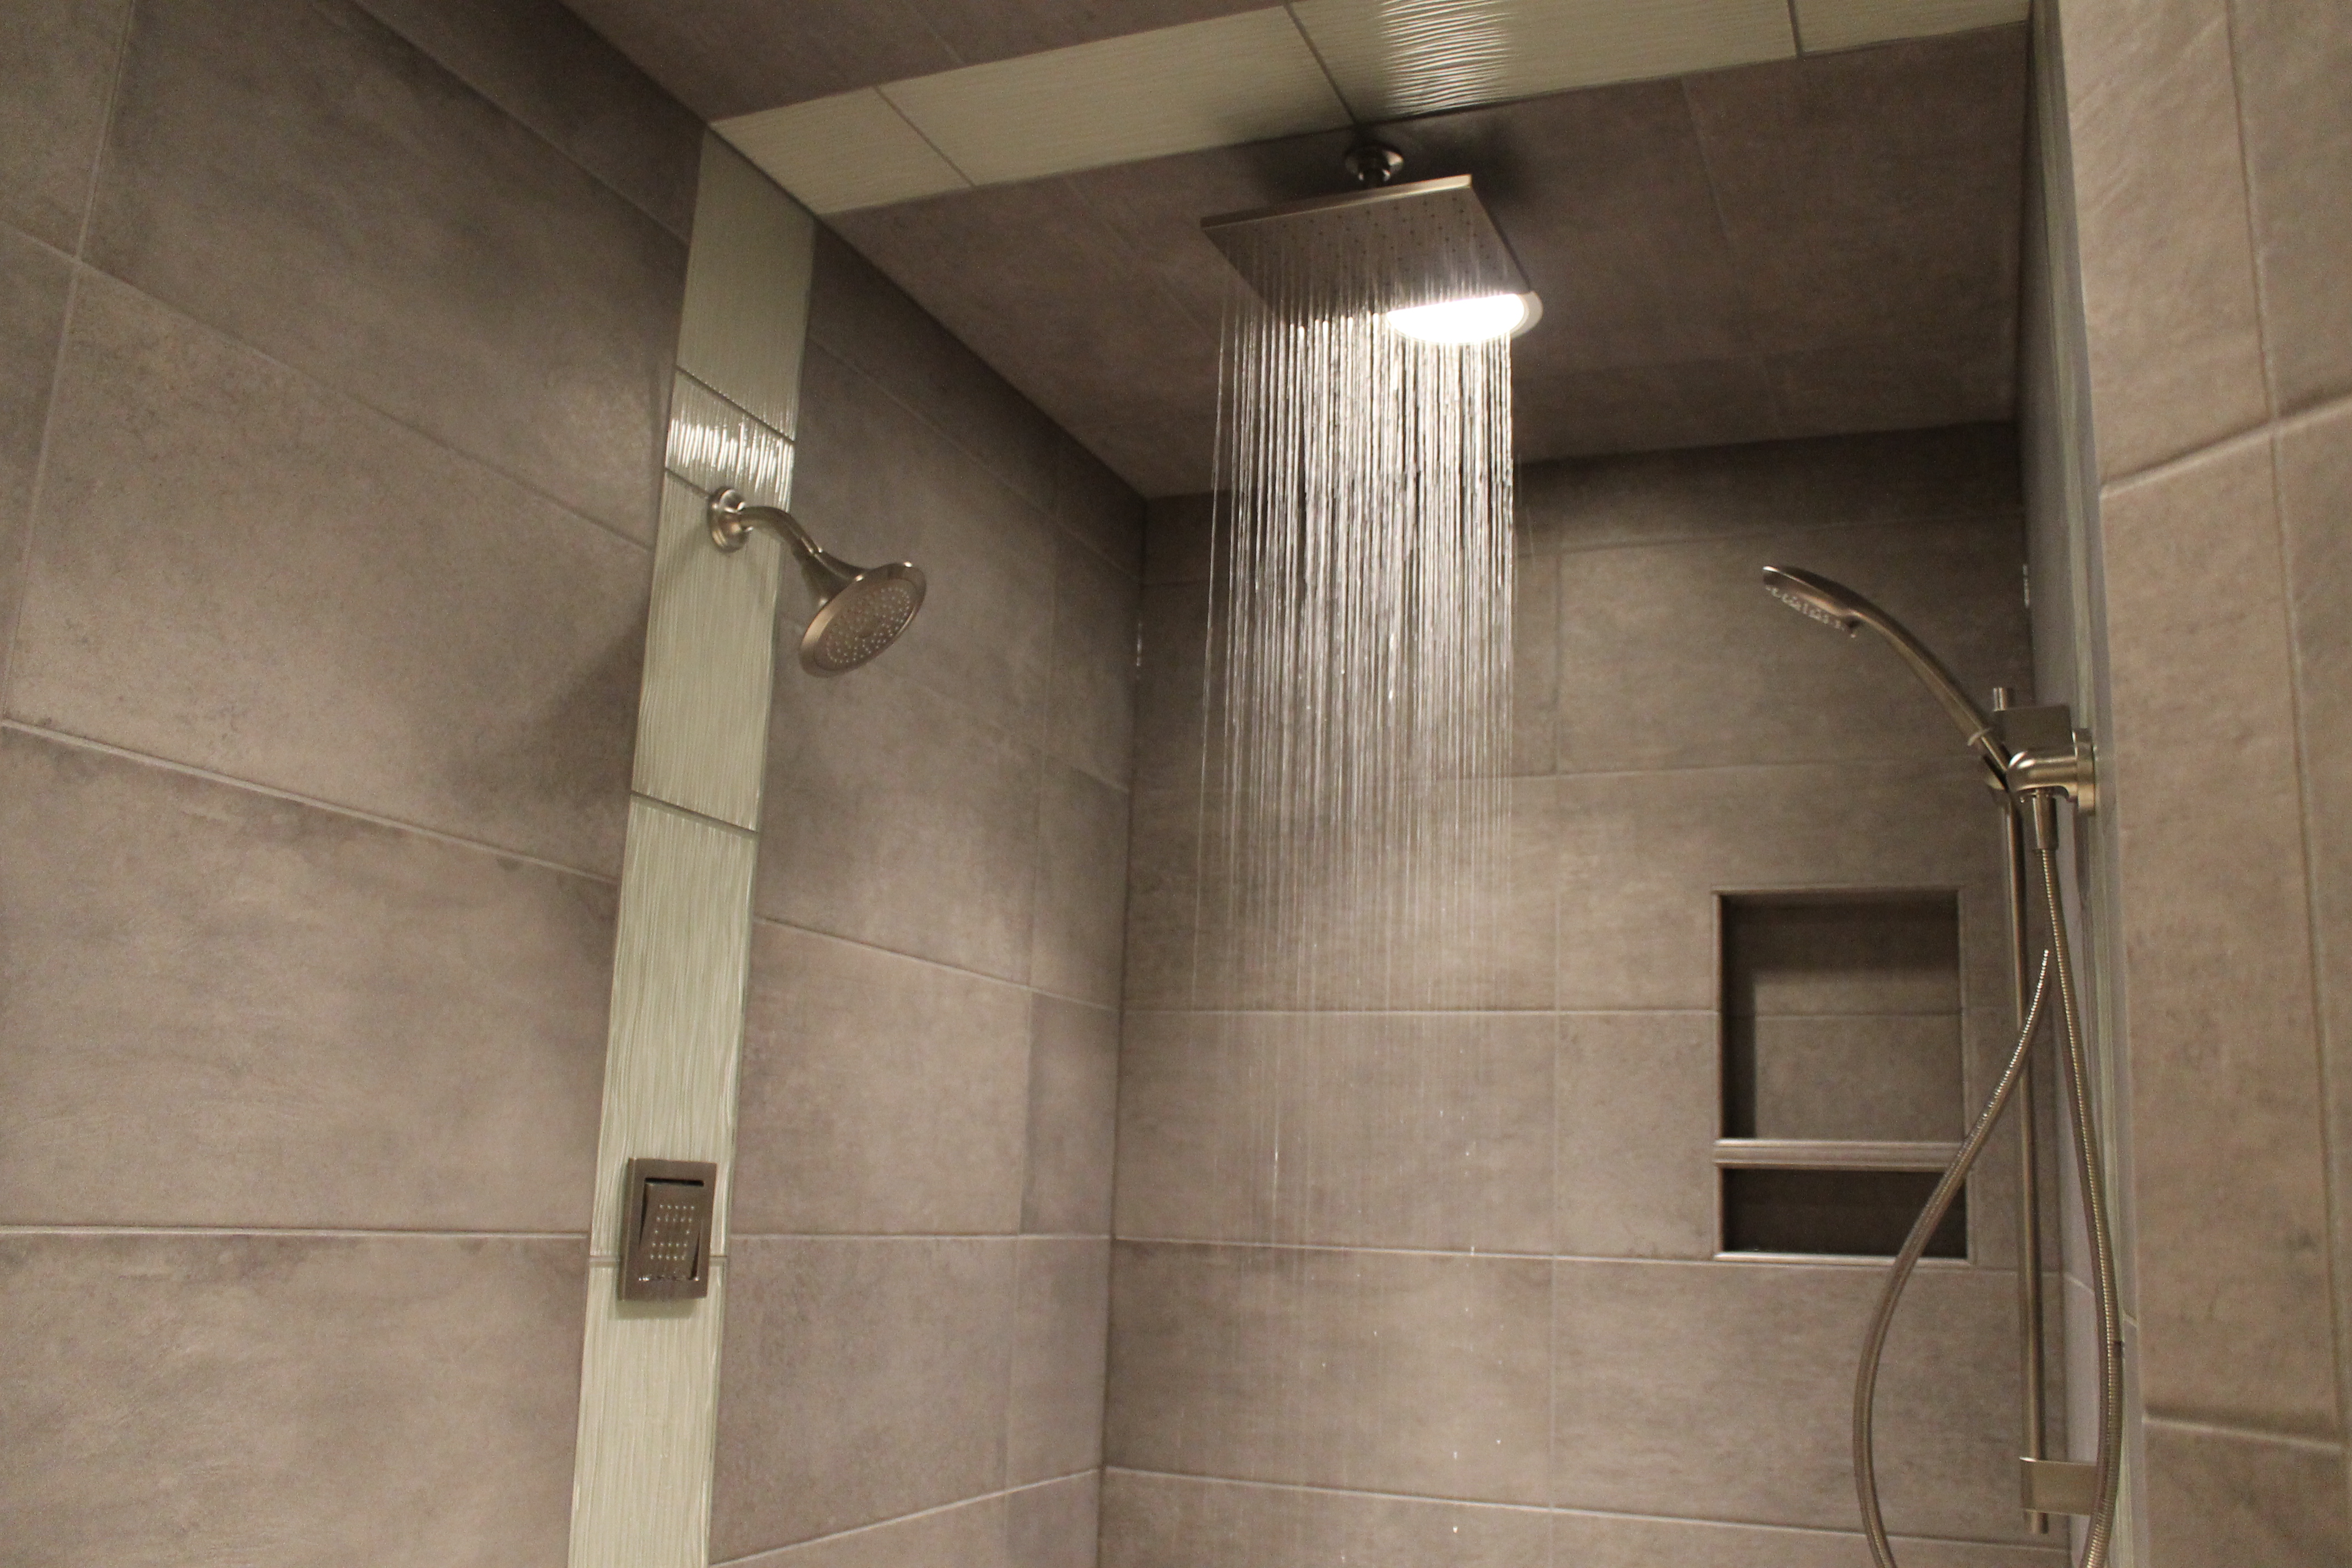 Superieur Best Rainhead Showerhead Images The Bathroom Ideas Lapoup